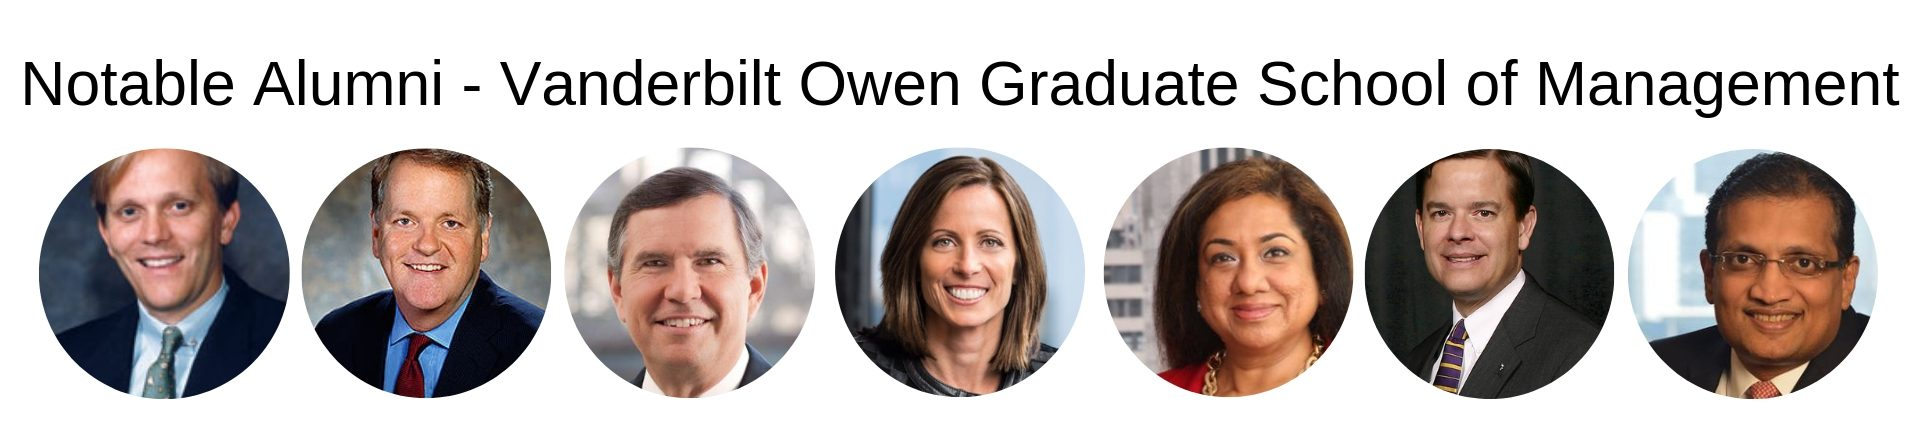 Vanderbilt MBA Program - Vanderbilt Owen Graduate School of Management - Notable Alumni